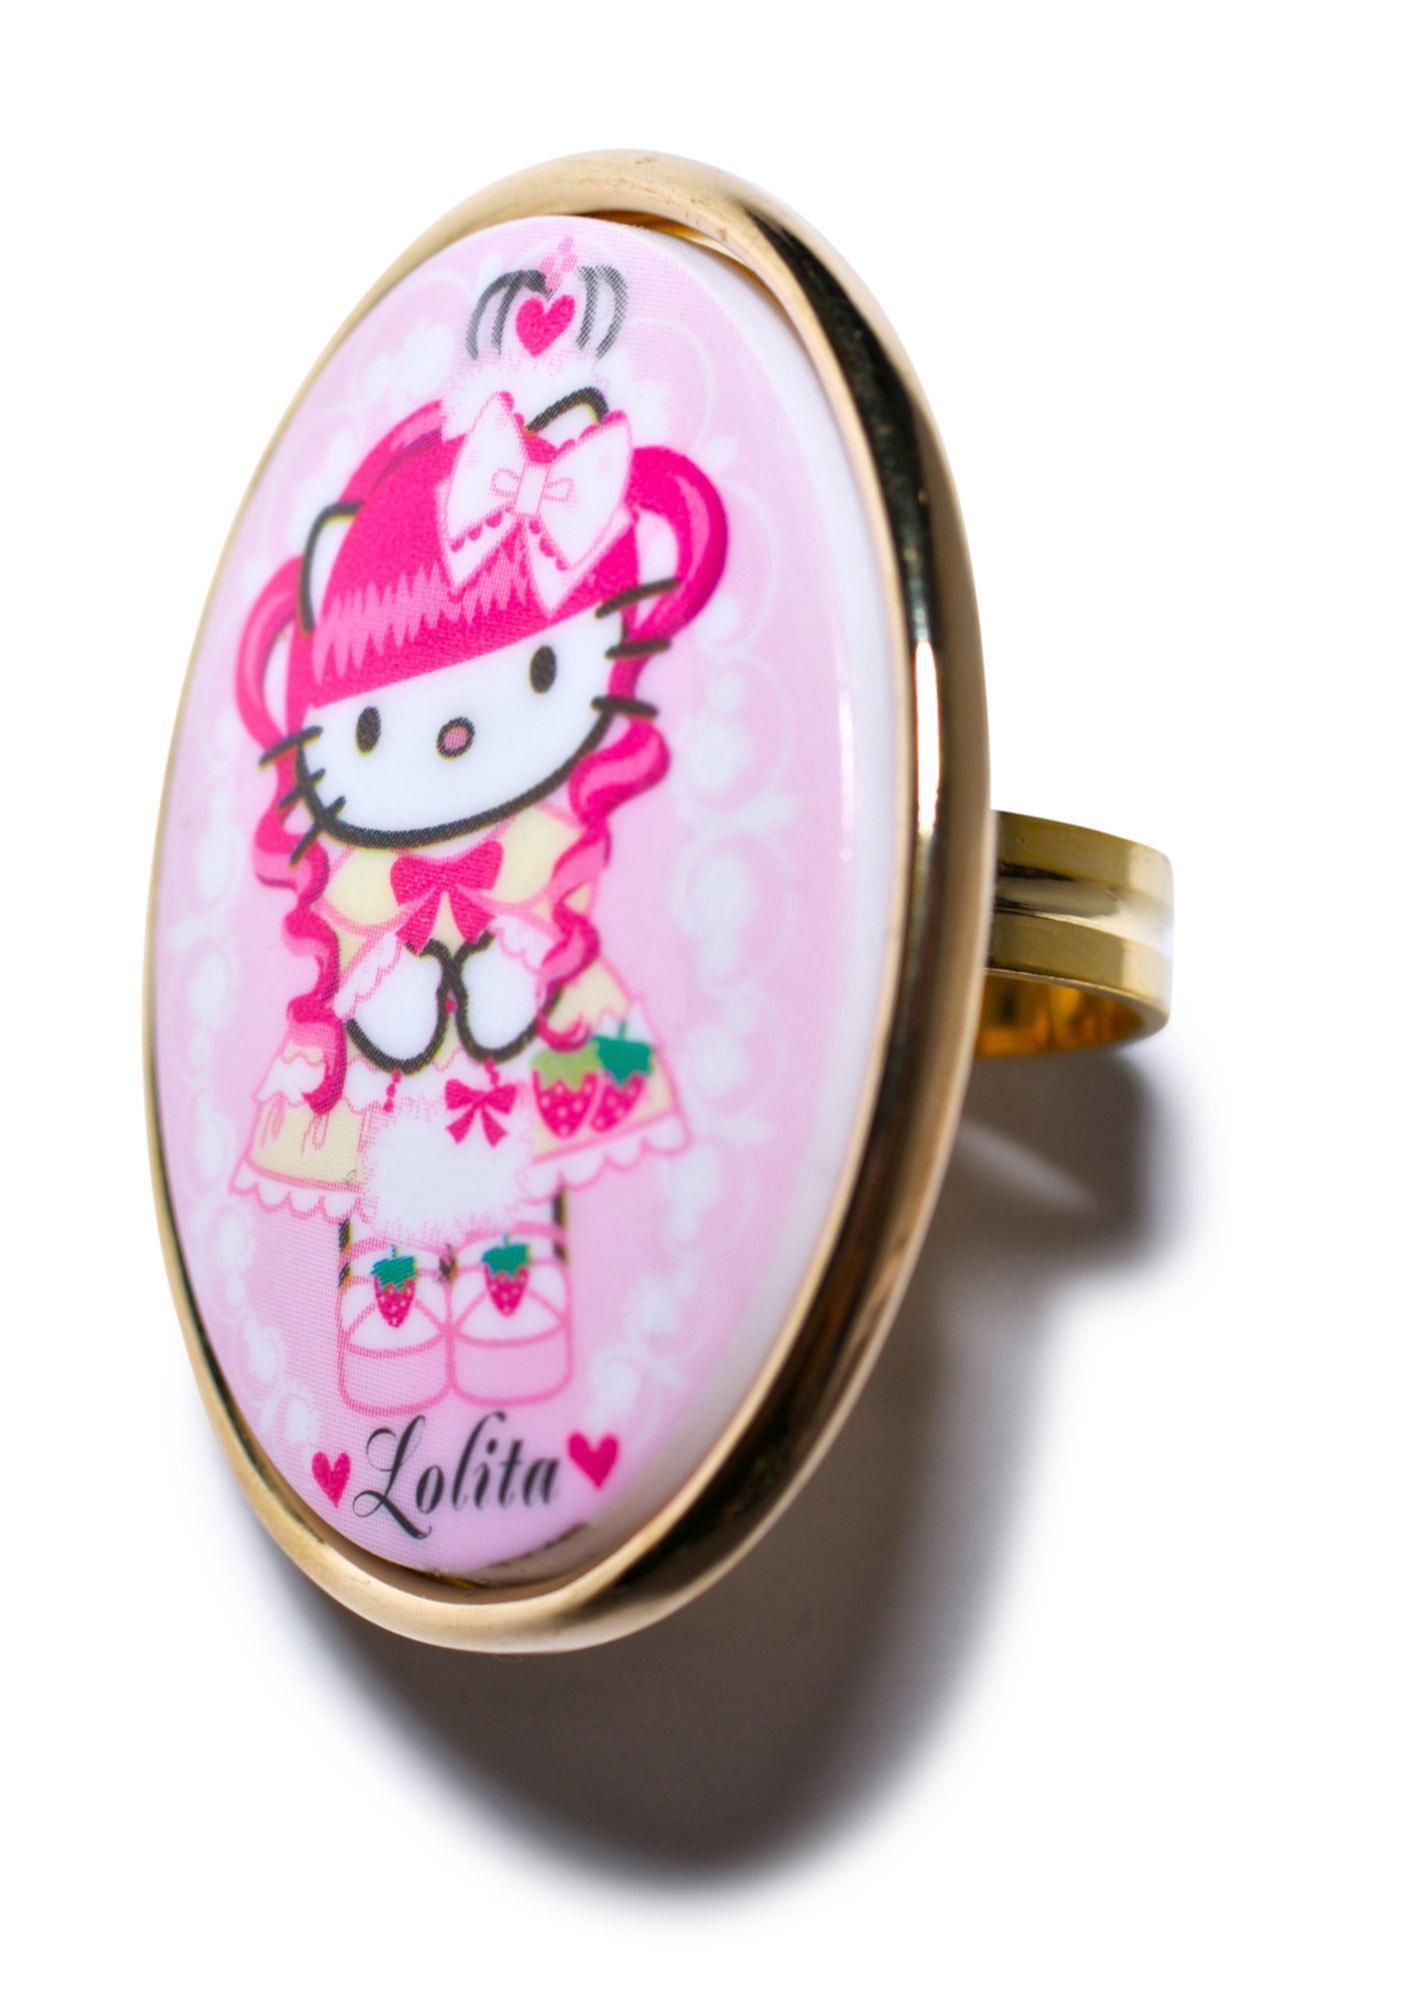 Tarina Tarantino Gothic Lolita Mod Ring